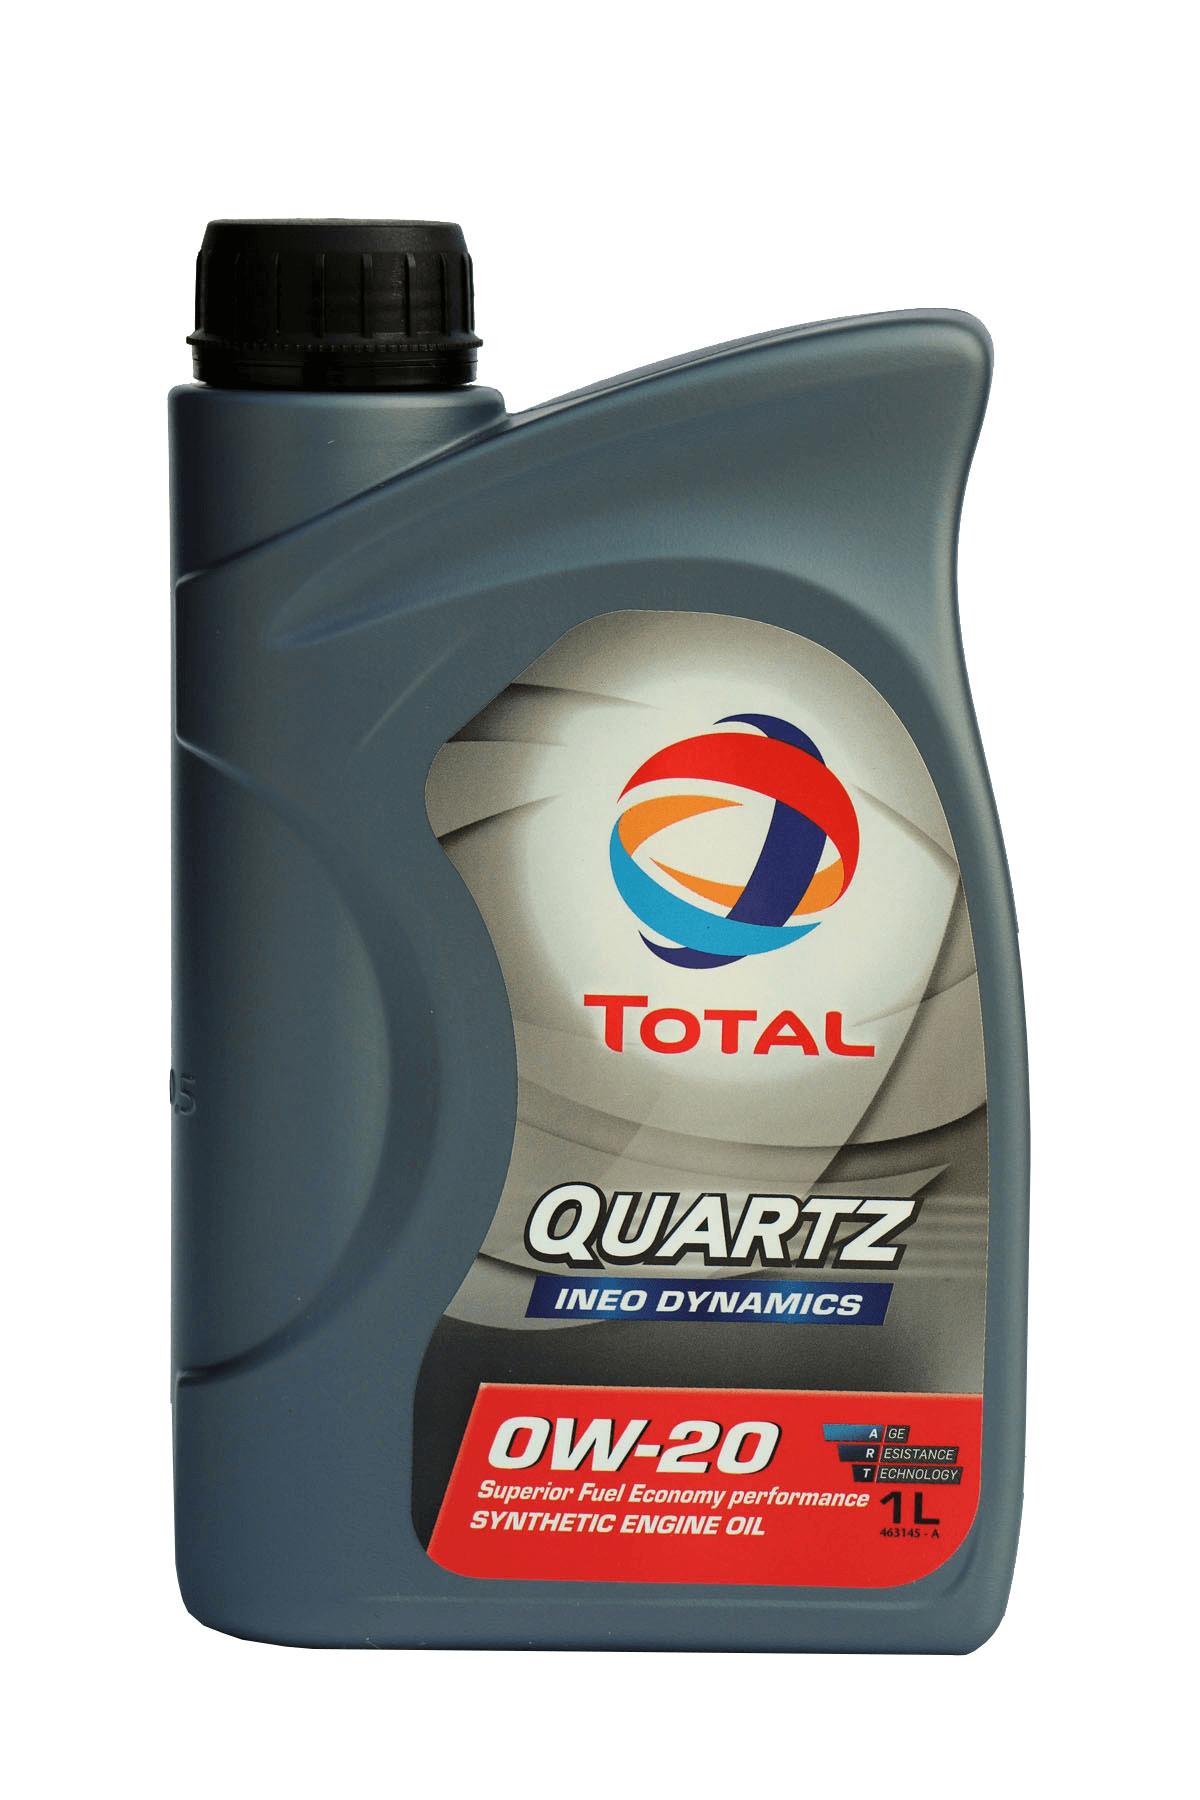 Total Quartz INEO DYNAMICS 0W-20 Motoröl, 1l